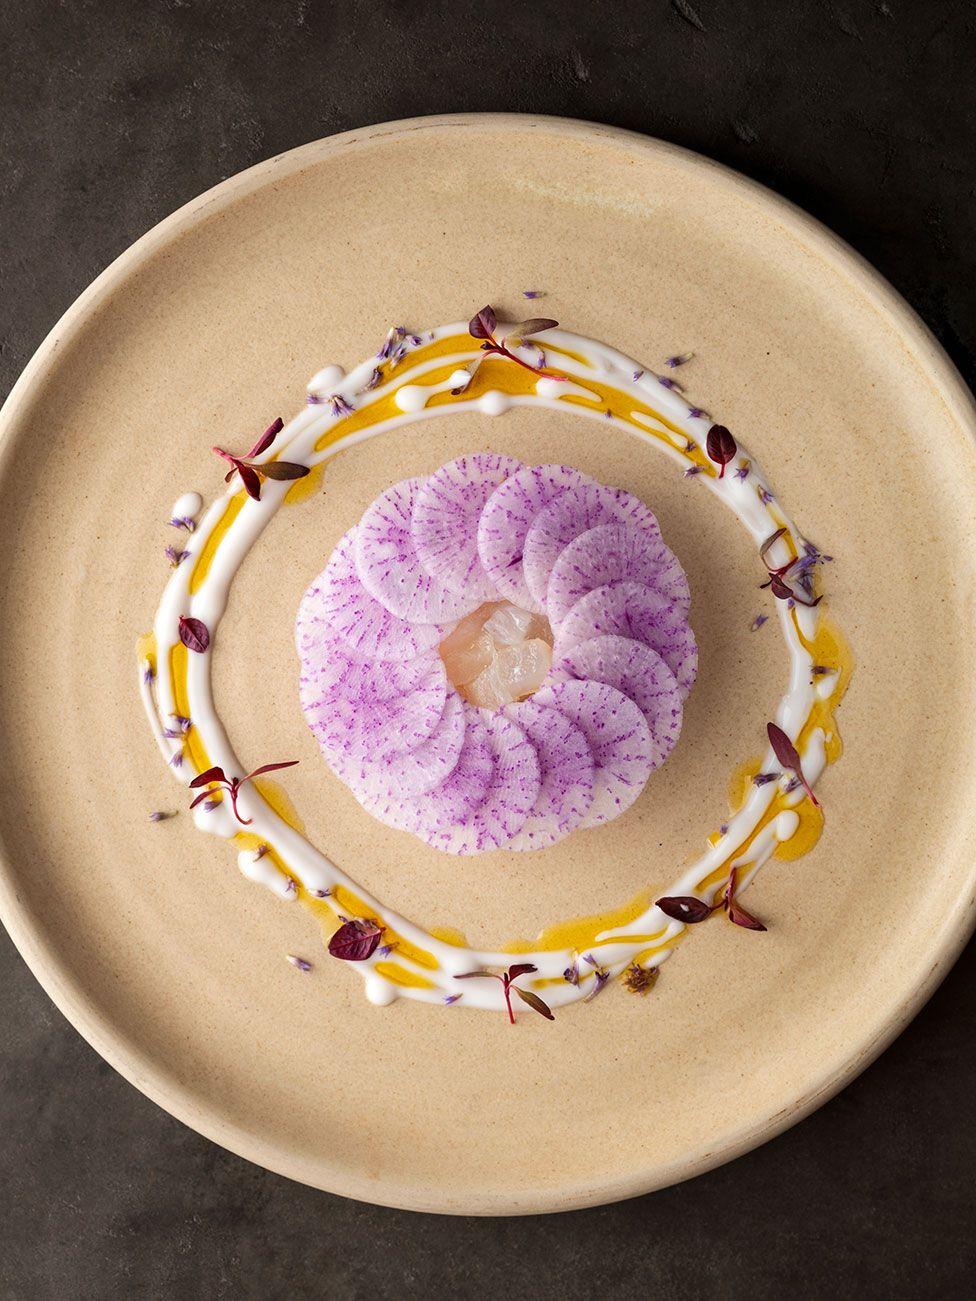 يرتب الهلبوت والفجل على طبق في دوائر